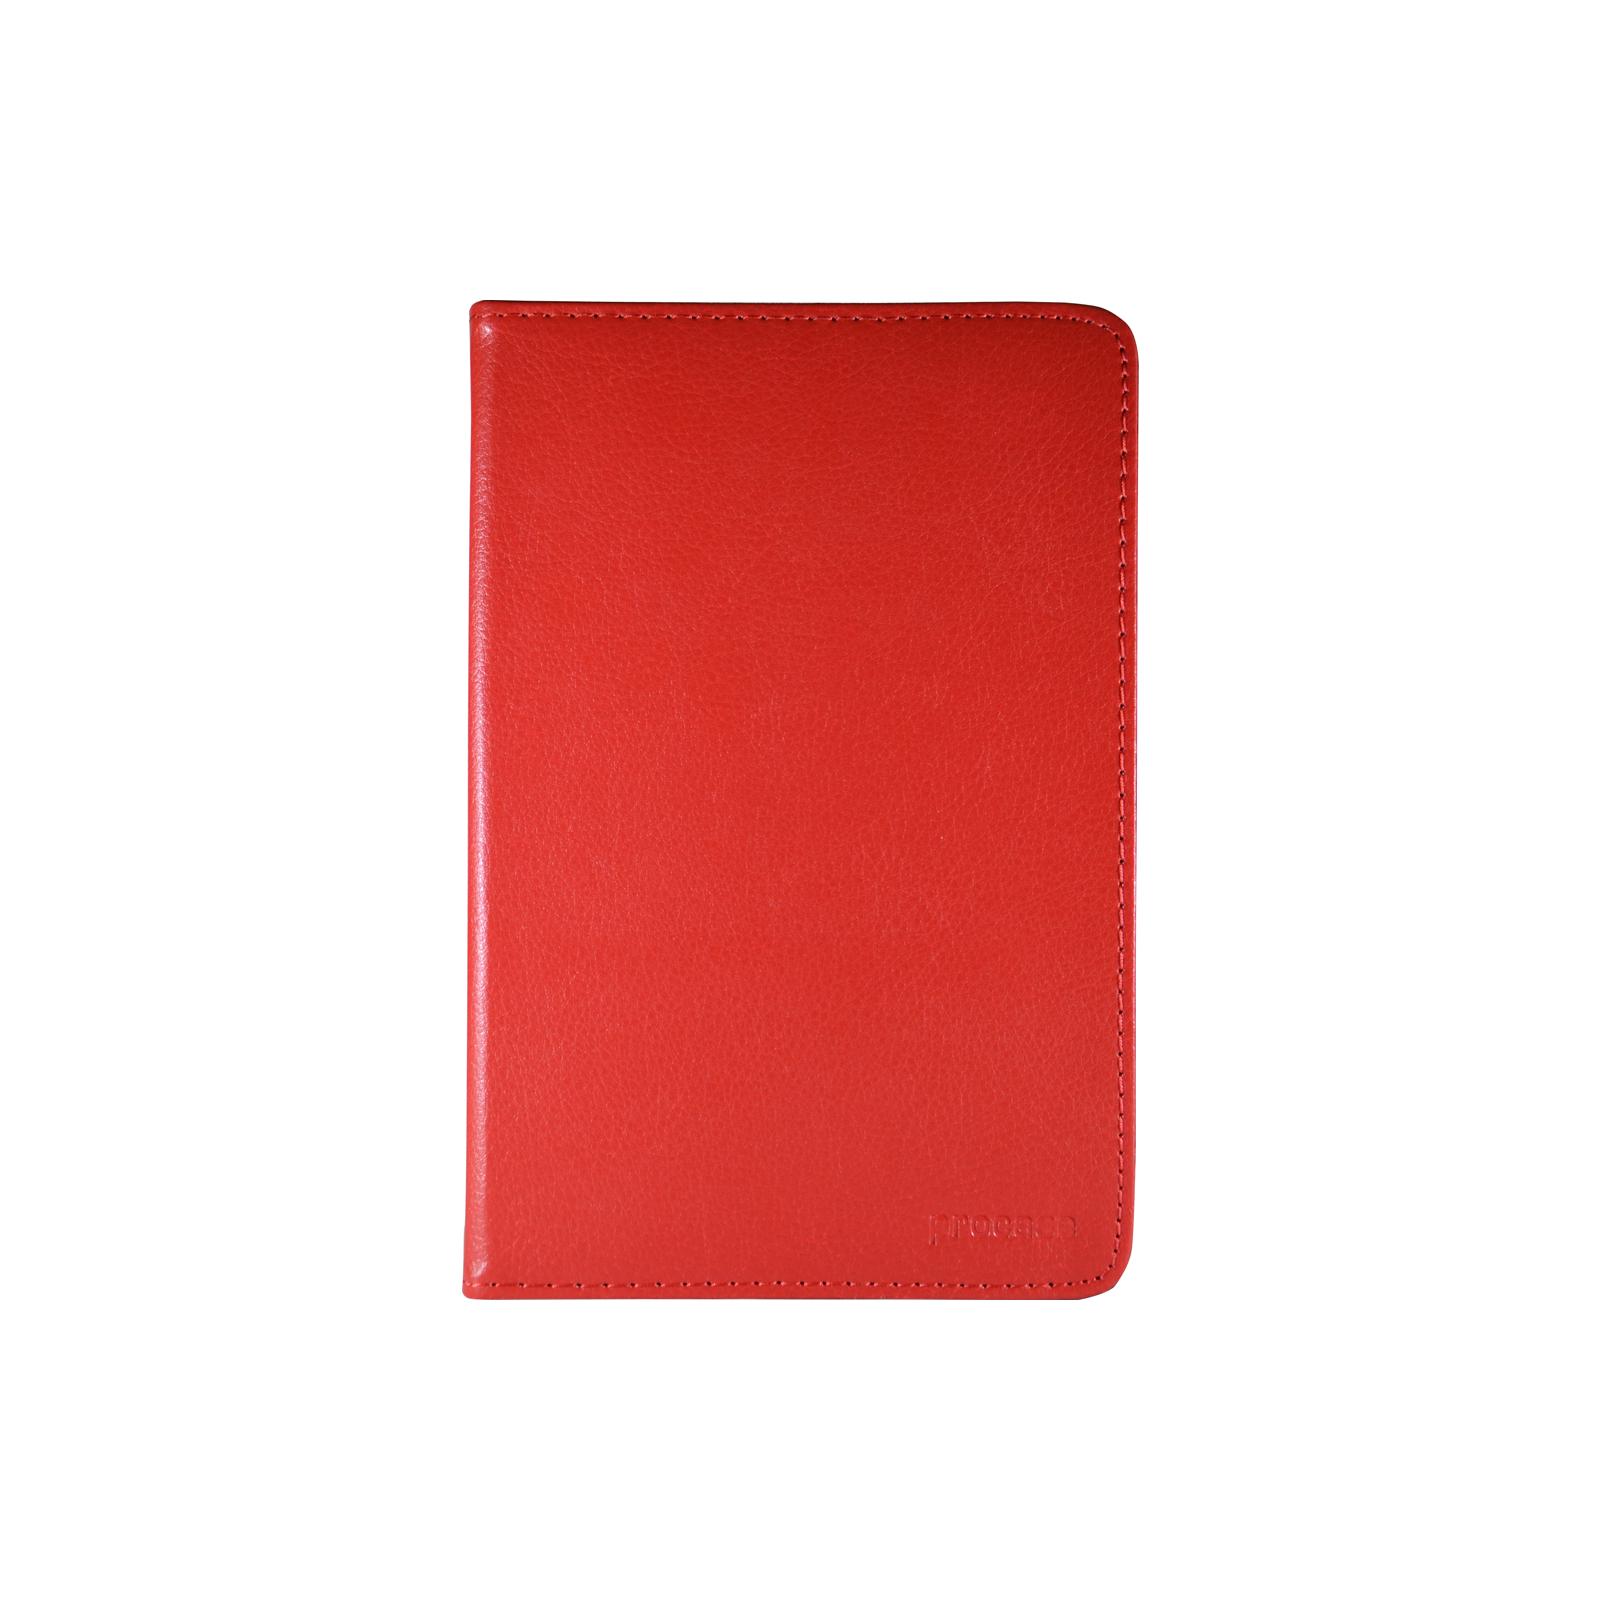 """Чехол для планшета Pro-case 7"""" универсальный case fits up red (UNS-011 r)"""